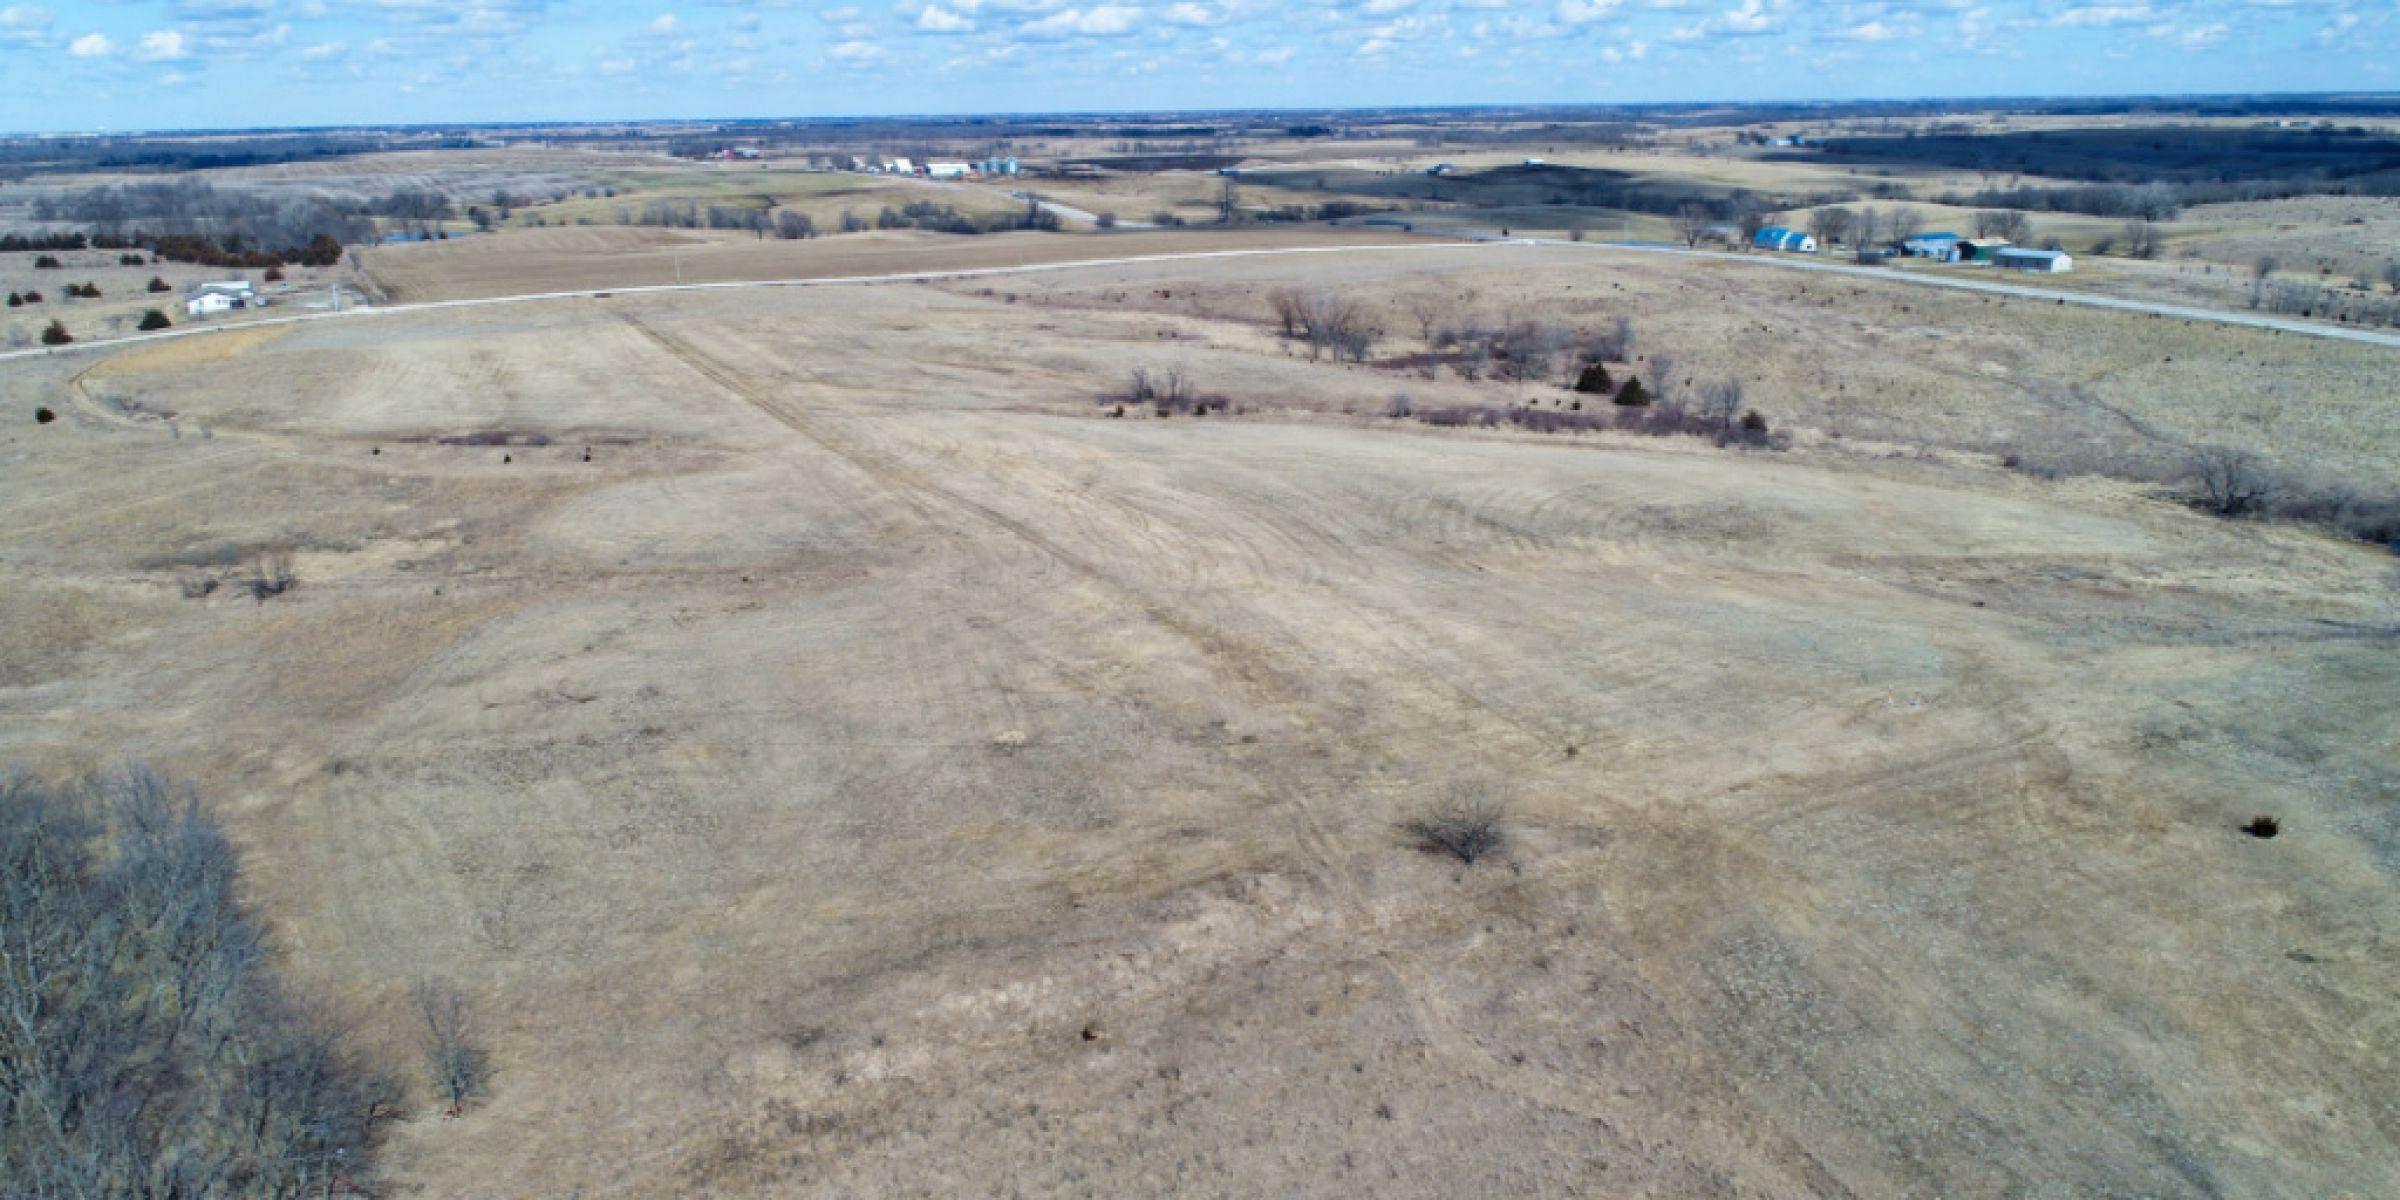 14498-80-acres-clarke-county-iowa-0-2019-04-18-233518.jpg